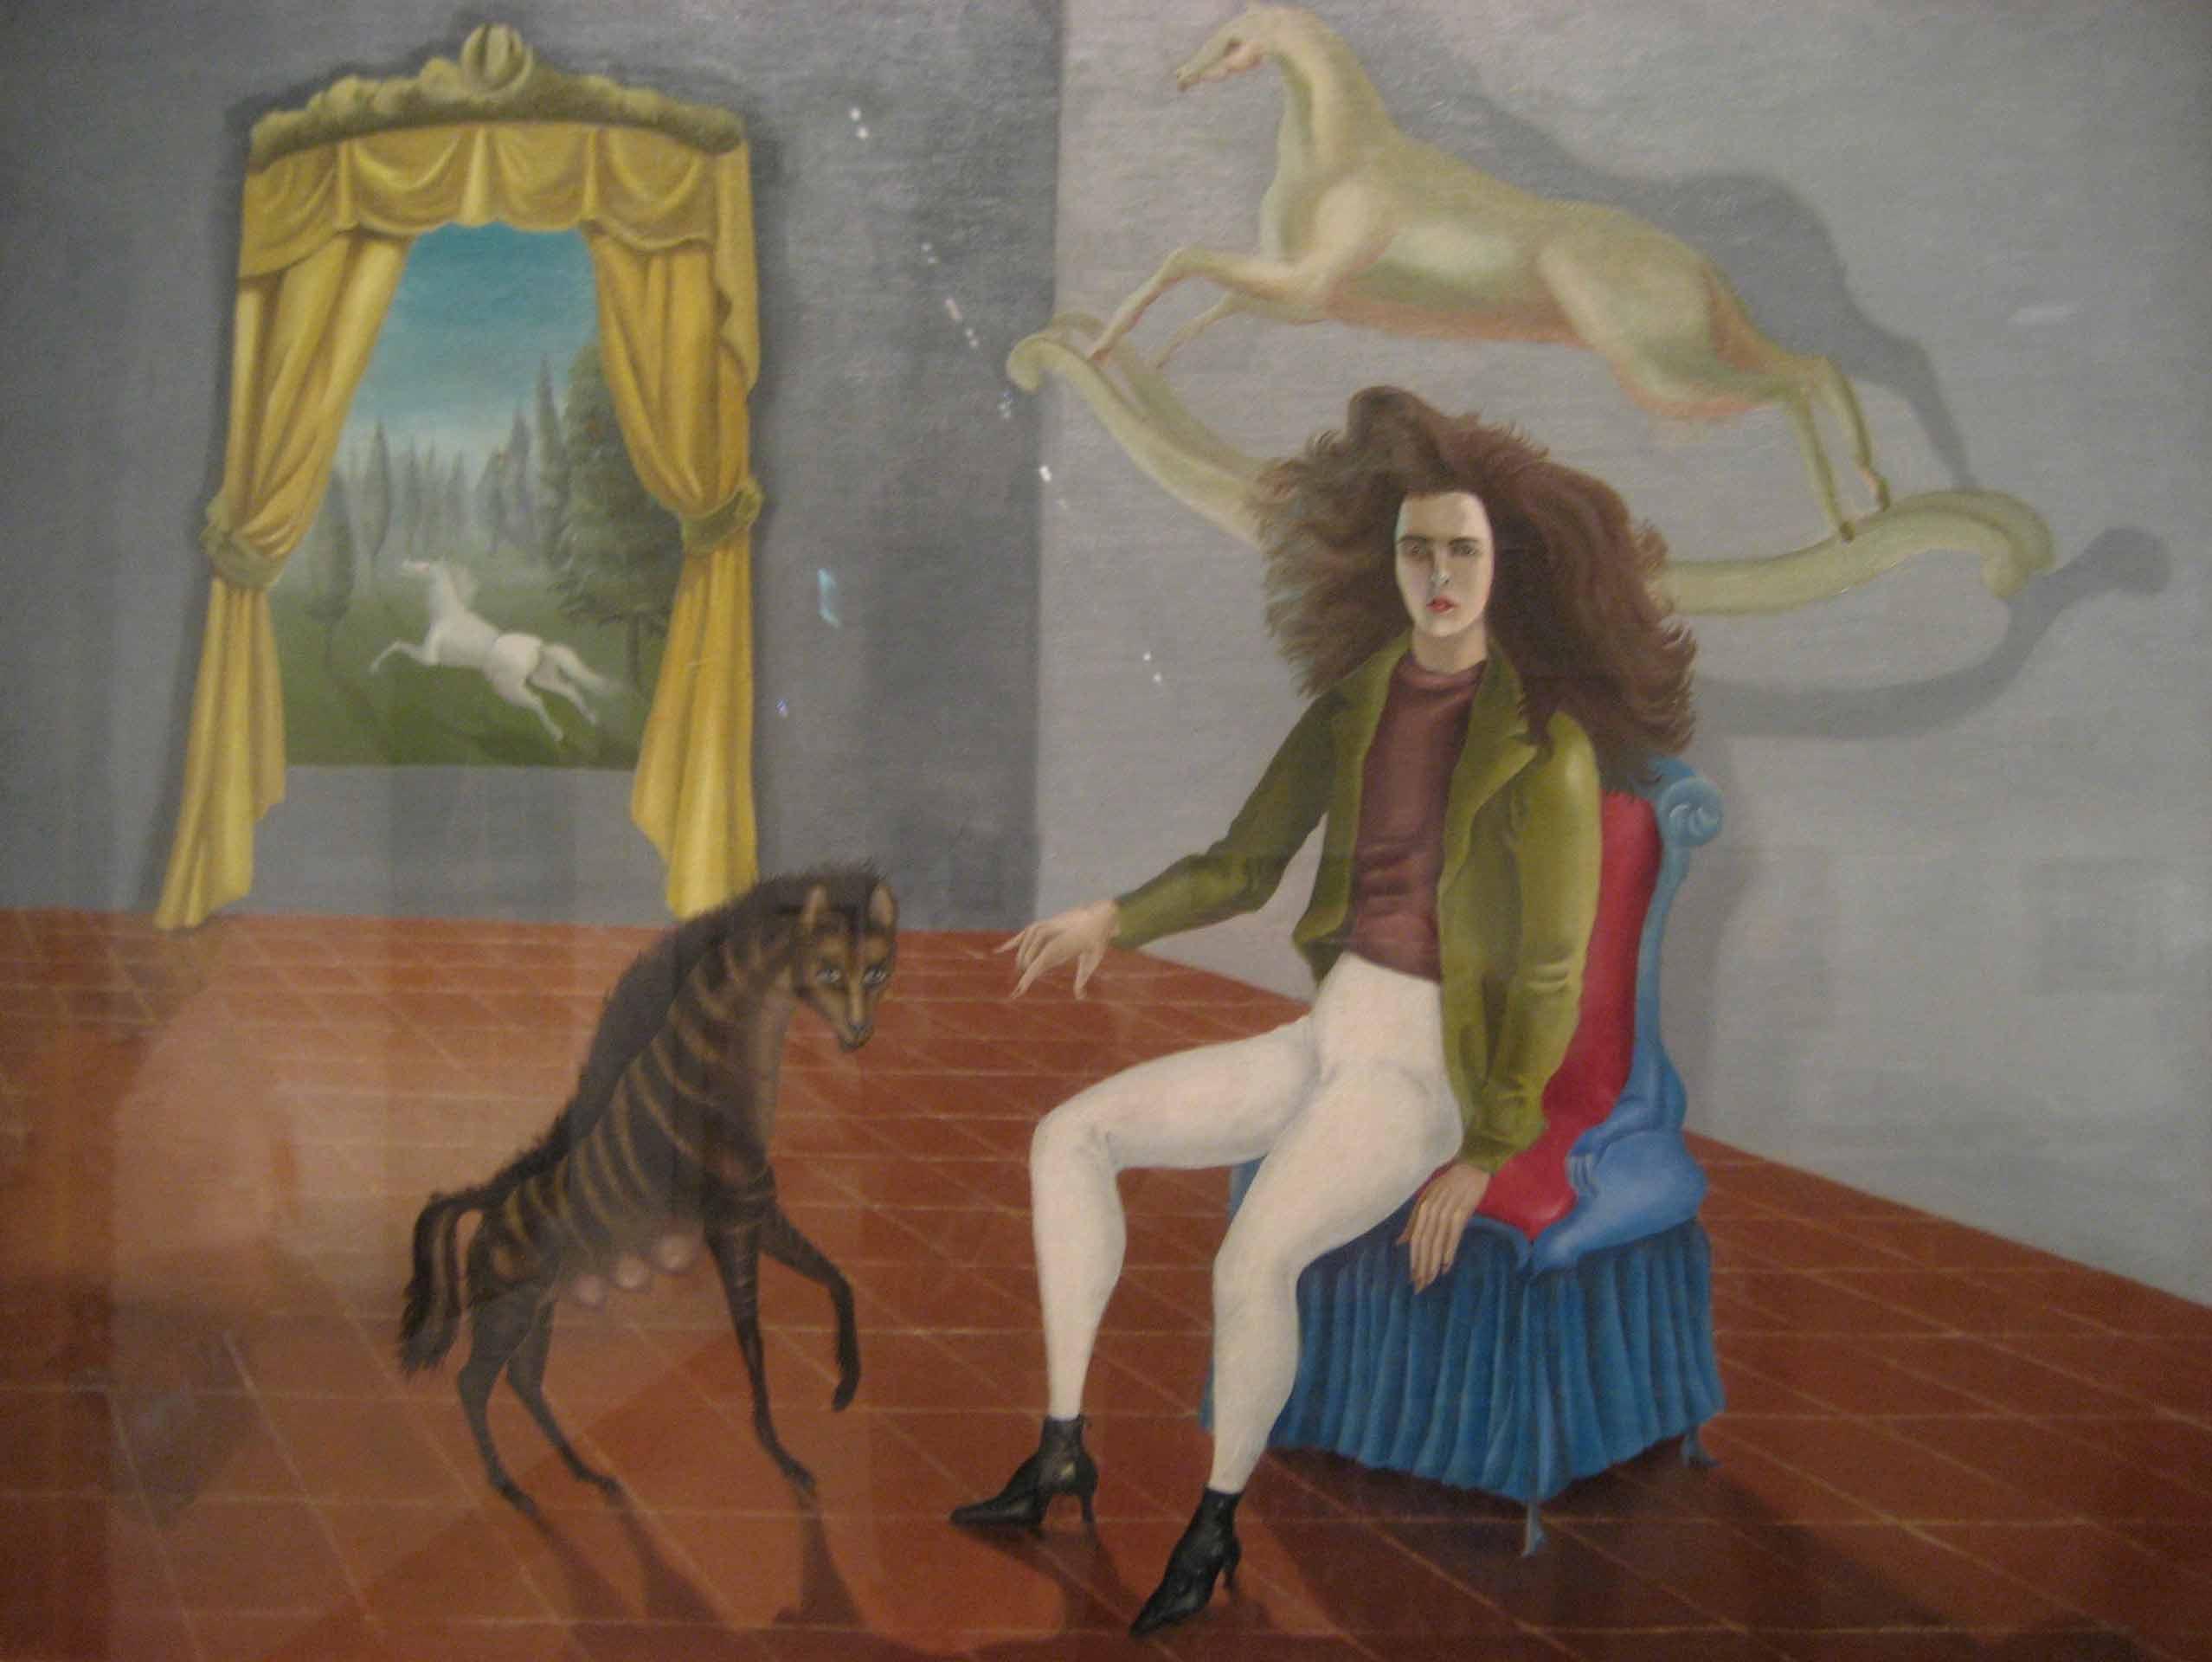 Aurorretrato de Leonora Carrigton: símbolos e metáforas de uma artista surrealista